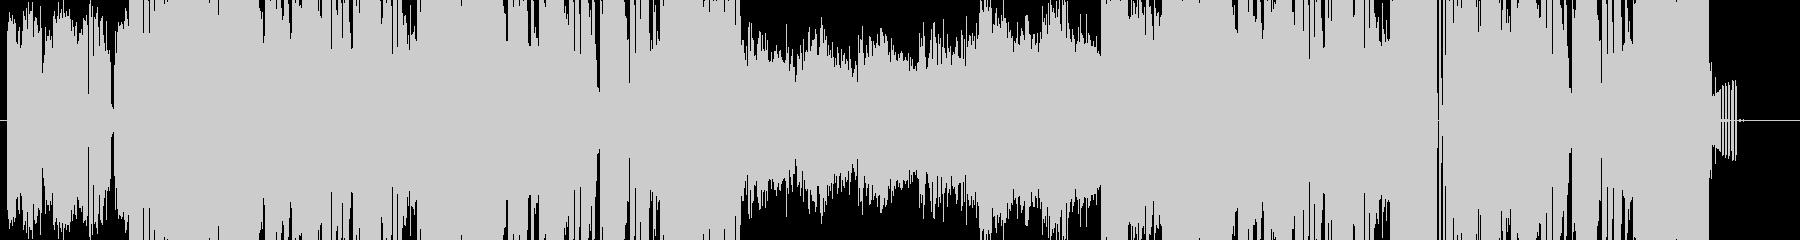 8bitなシンセのビート感強めなEDMの未再生の波形